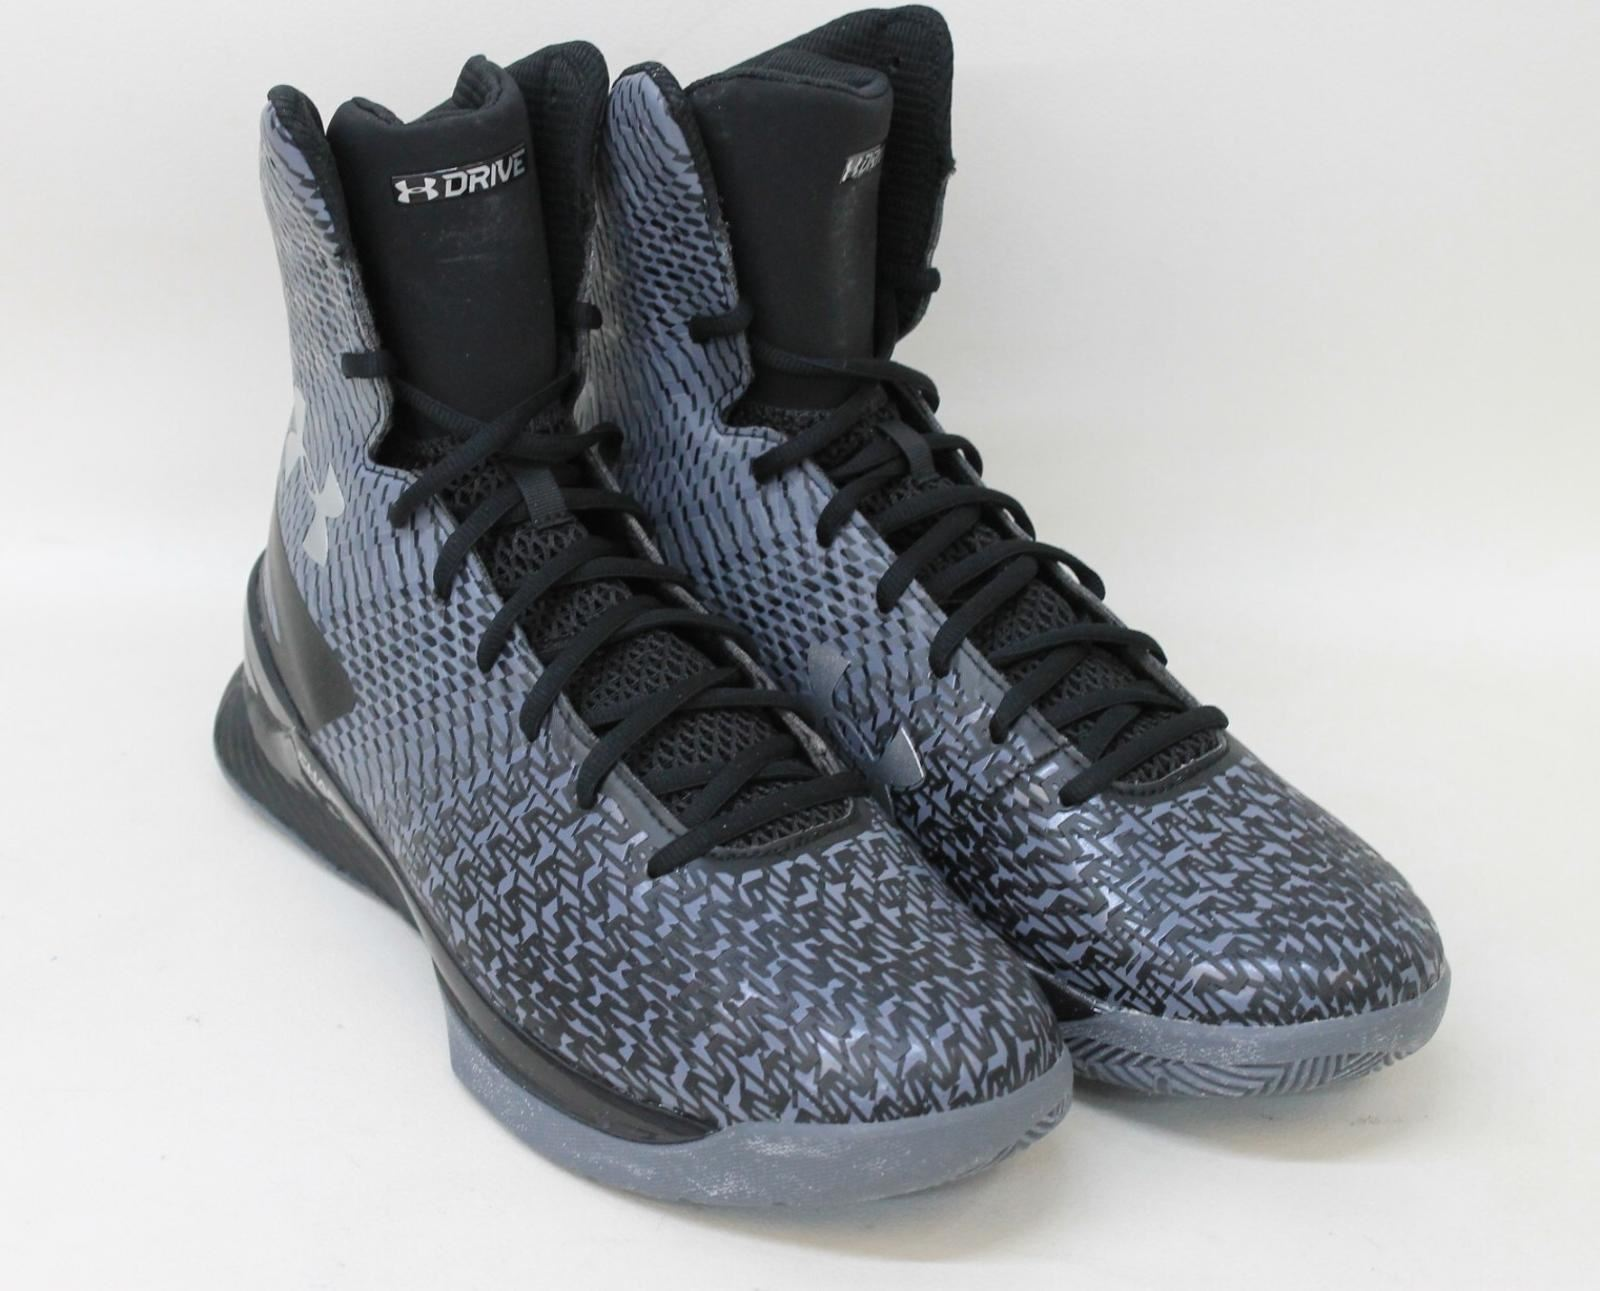 UNDER-ARMOUR-para-hombres-zapatos-de-baloncesto-Gris-Highlight-2-Drive-Talla-UK12-EU47-5-Nuevo